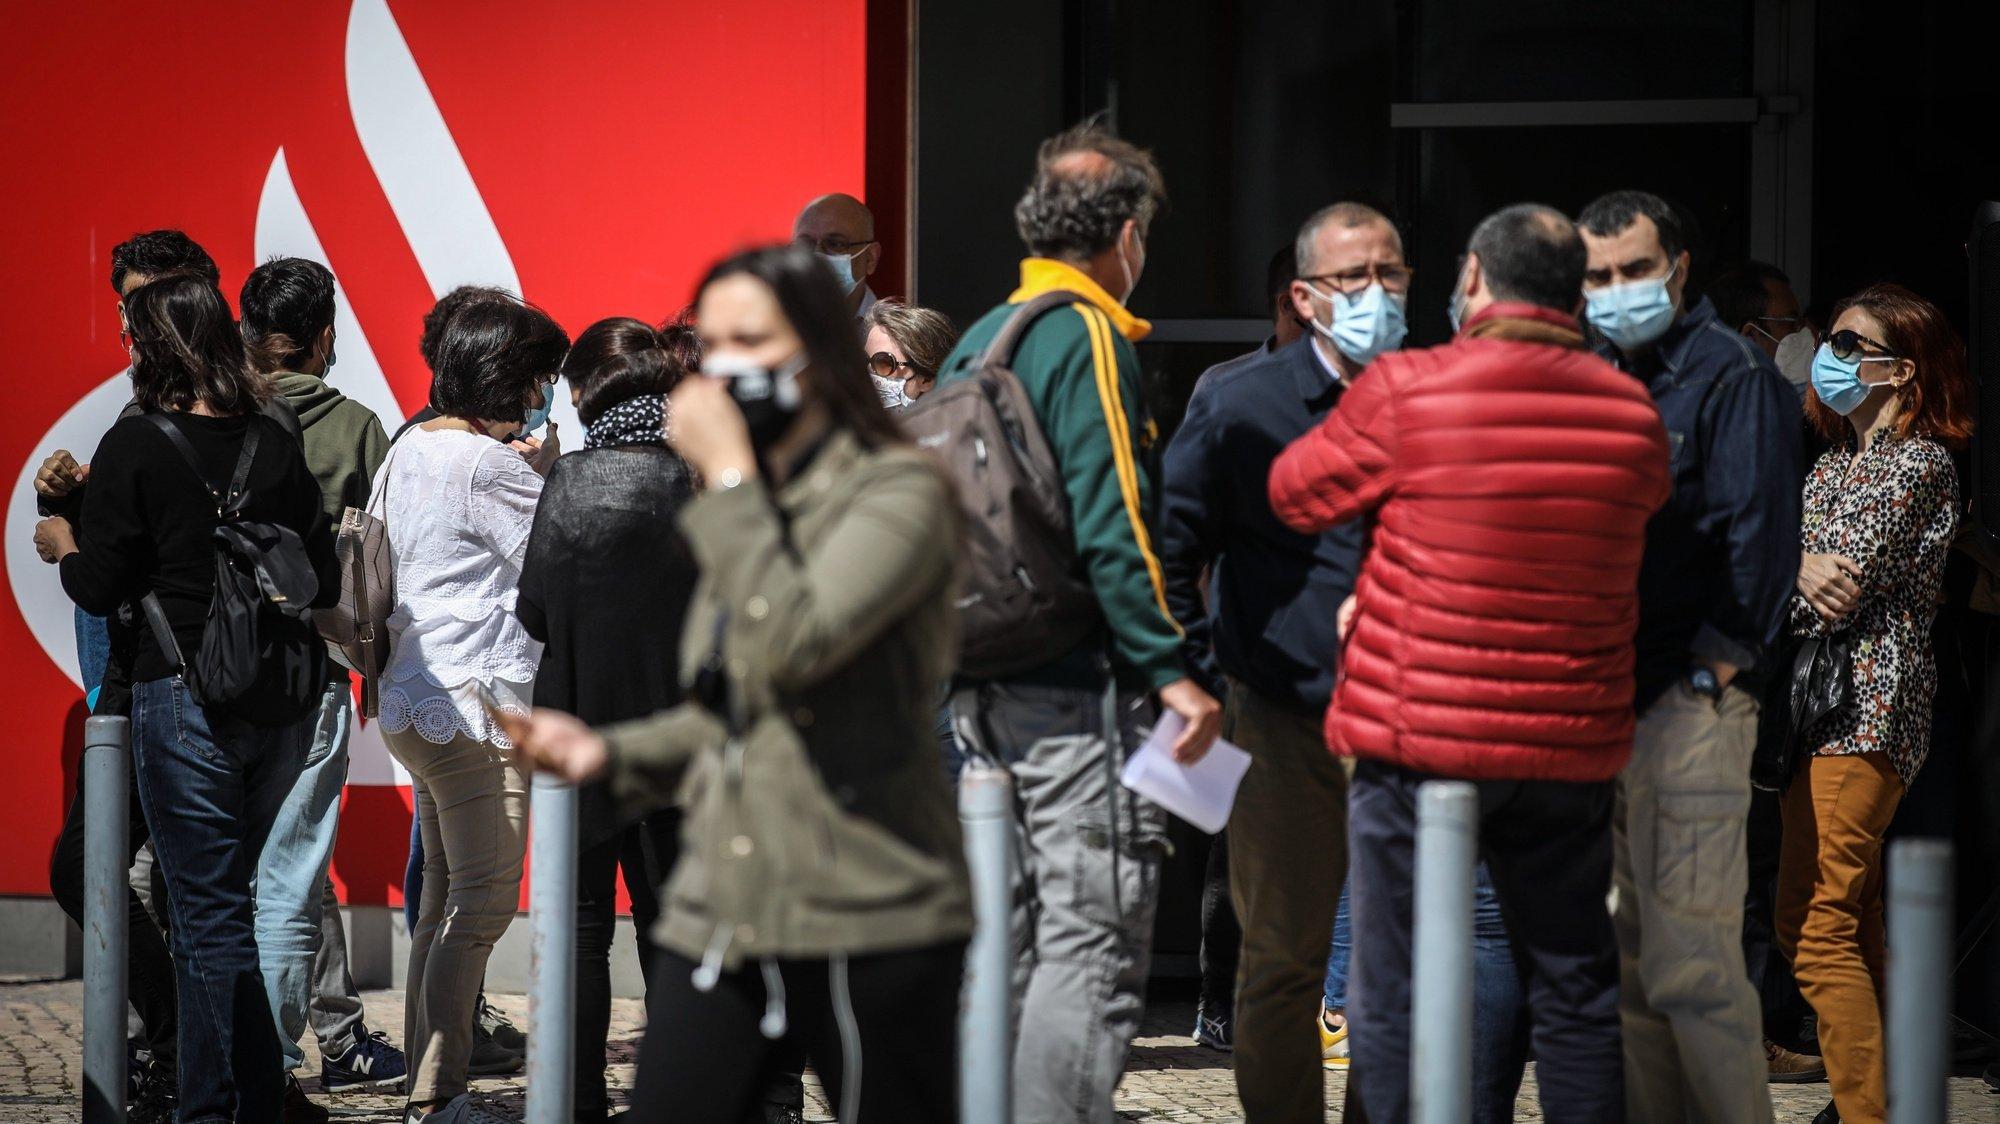 Reunião de trabalhadores do Banco Santander Totta convocada pela Comissão Nacional de Trabalhadores do Banco para debaterem a ameaça de redução de trabalhadores e que medidas tomar, em Lisboa, 06 de maio de 2021. ANDRÉ KOSTERS/LUSA